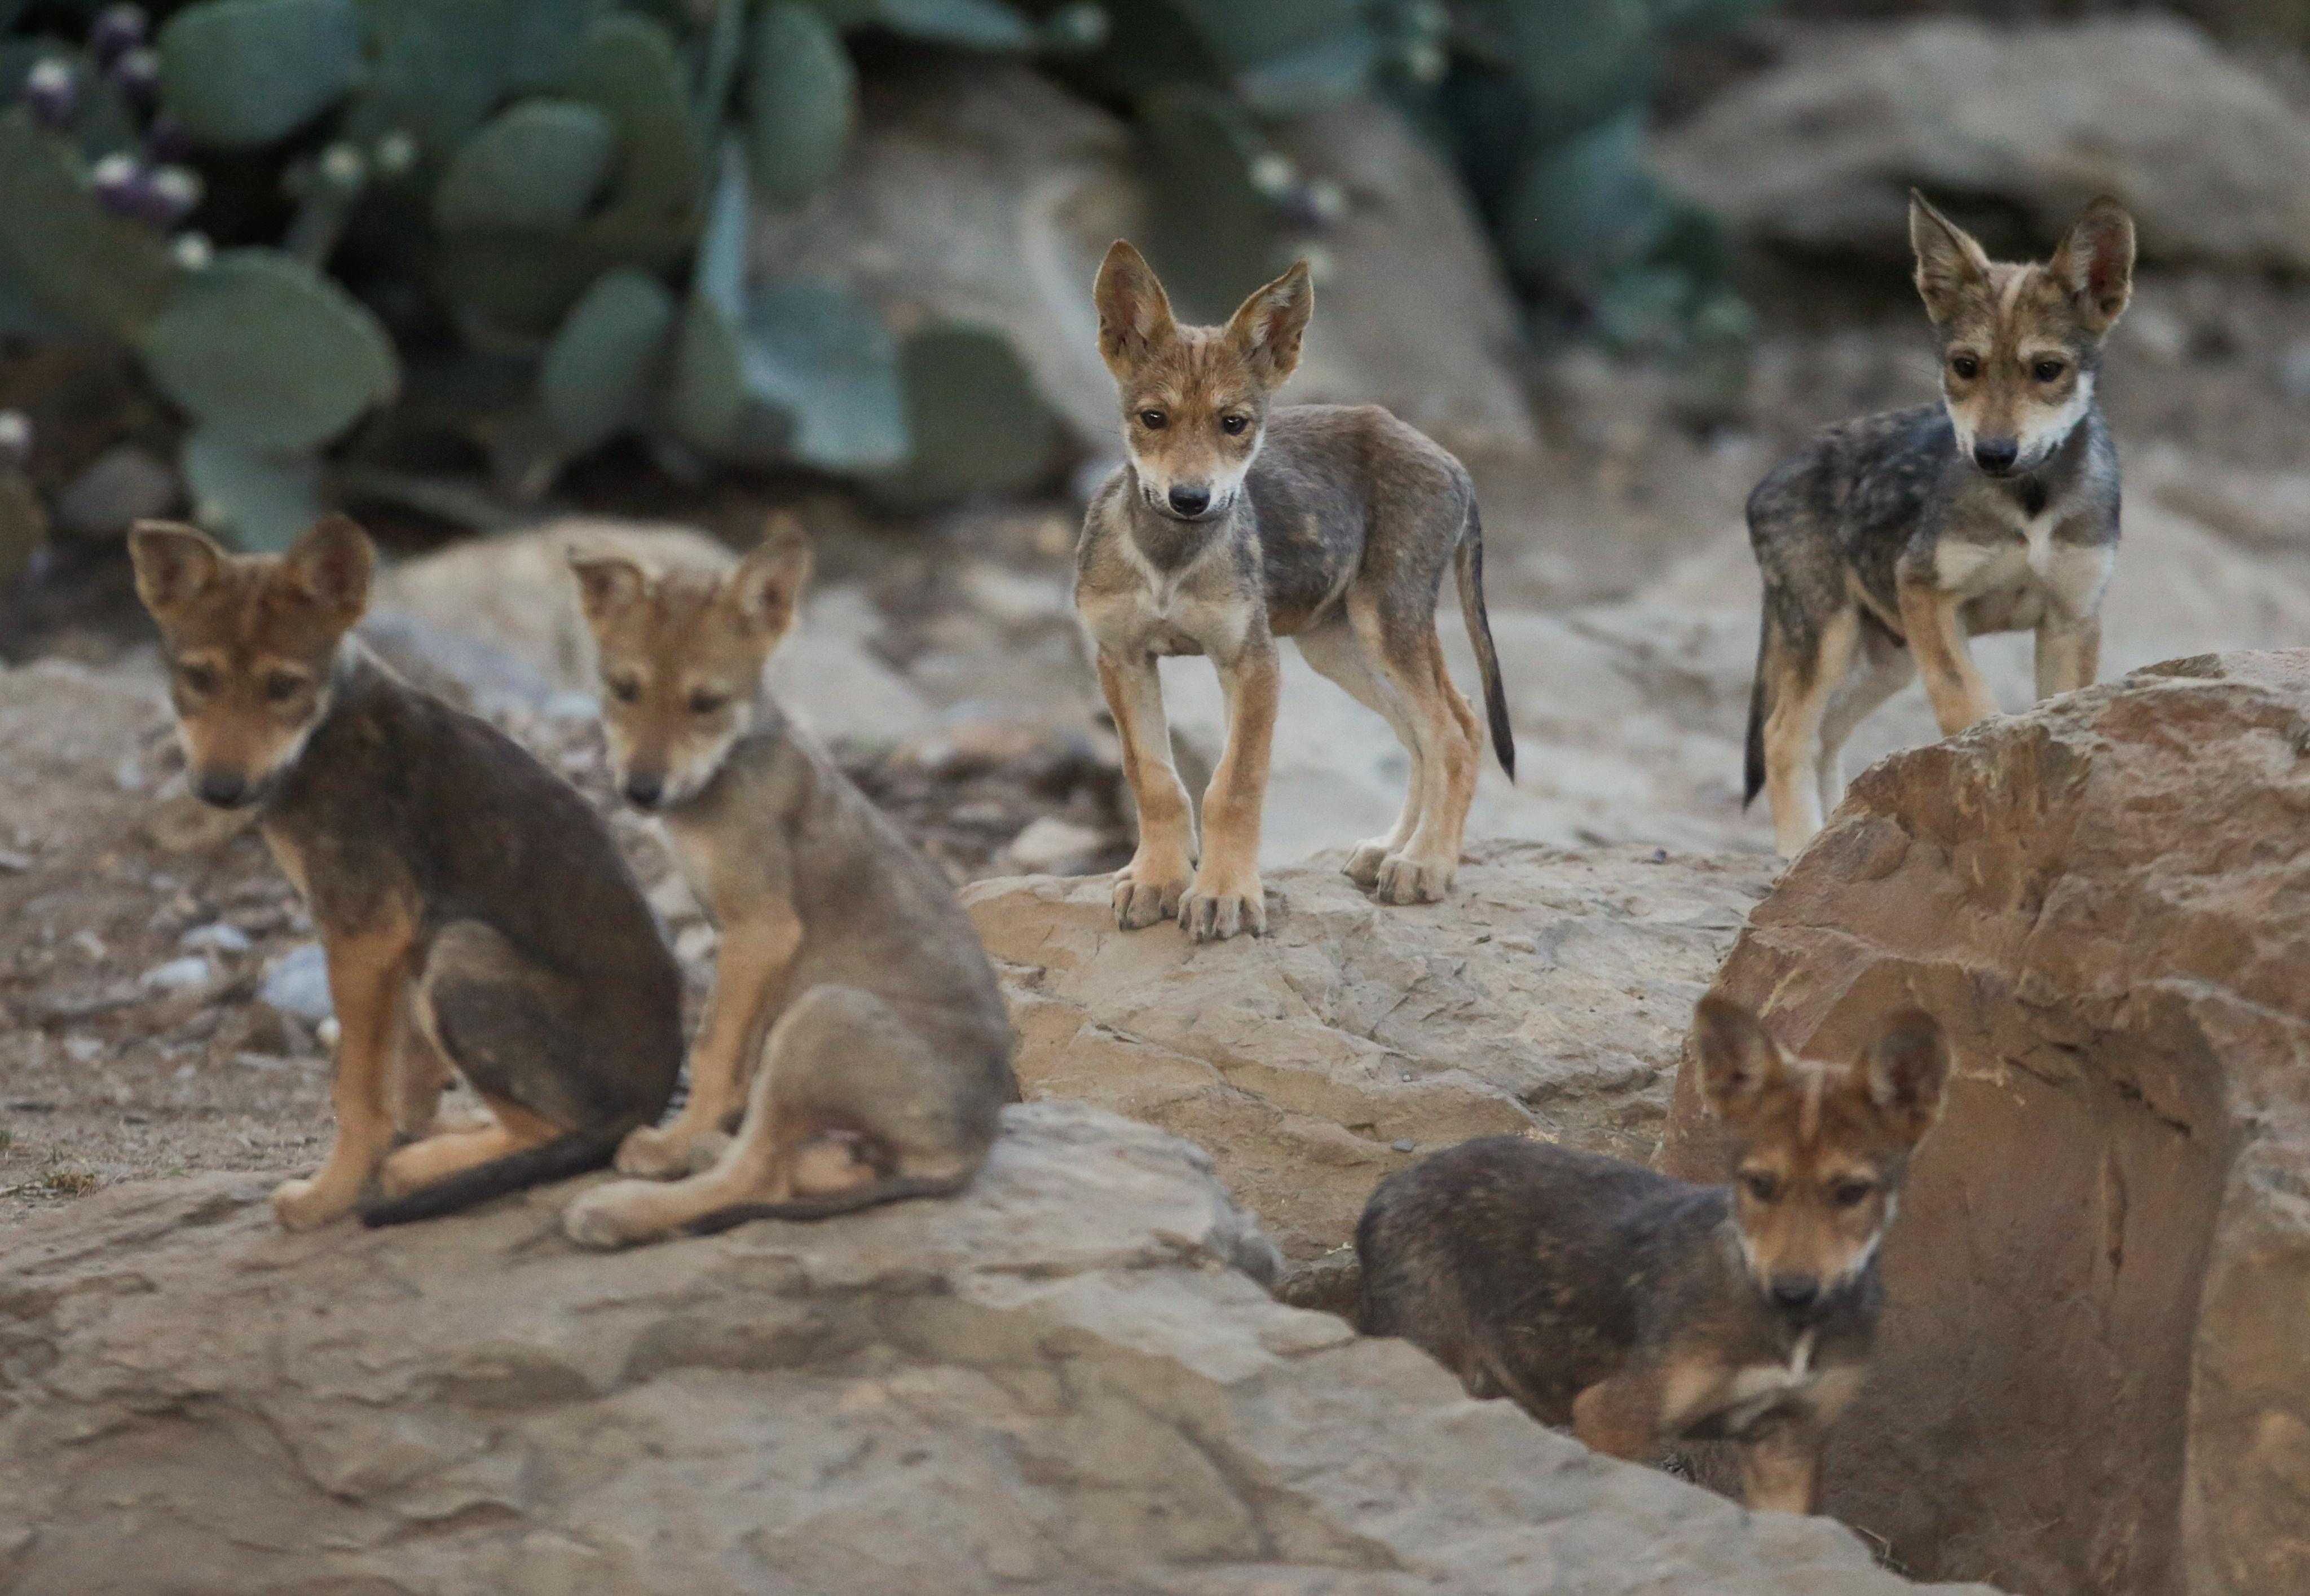 En México existen más de 30 ejemplares en vida silvestre provenientes del programa de recuperación, mientras que en Estados Unidos se reportan más de 100 ejemplares en vida silvestre. 2 de julio, 2020. (Foto: REUTERS/Daniel Becerril)